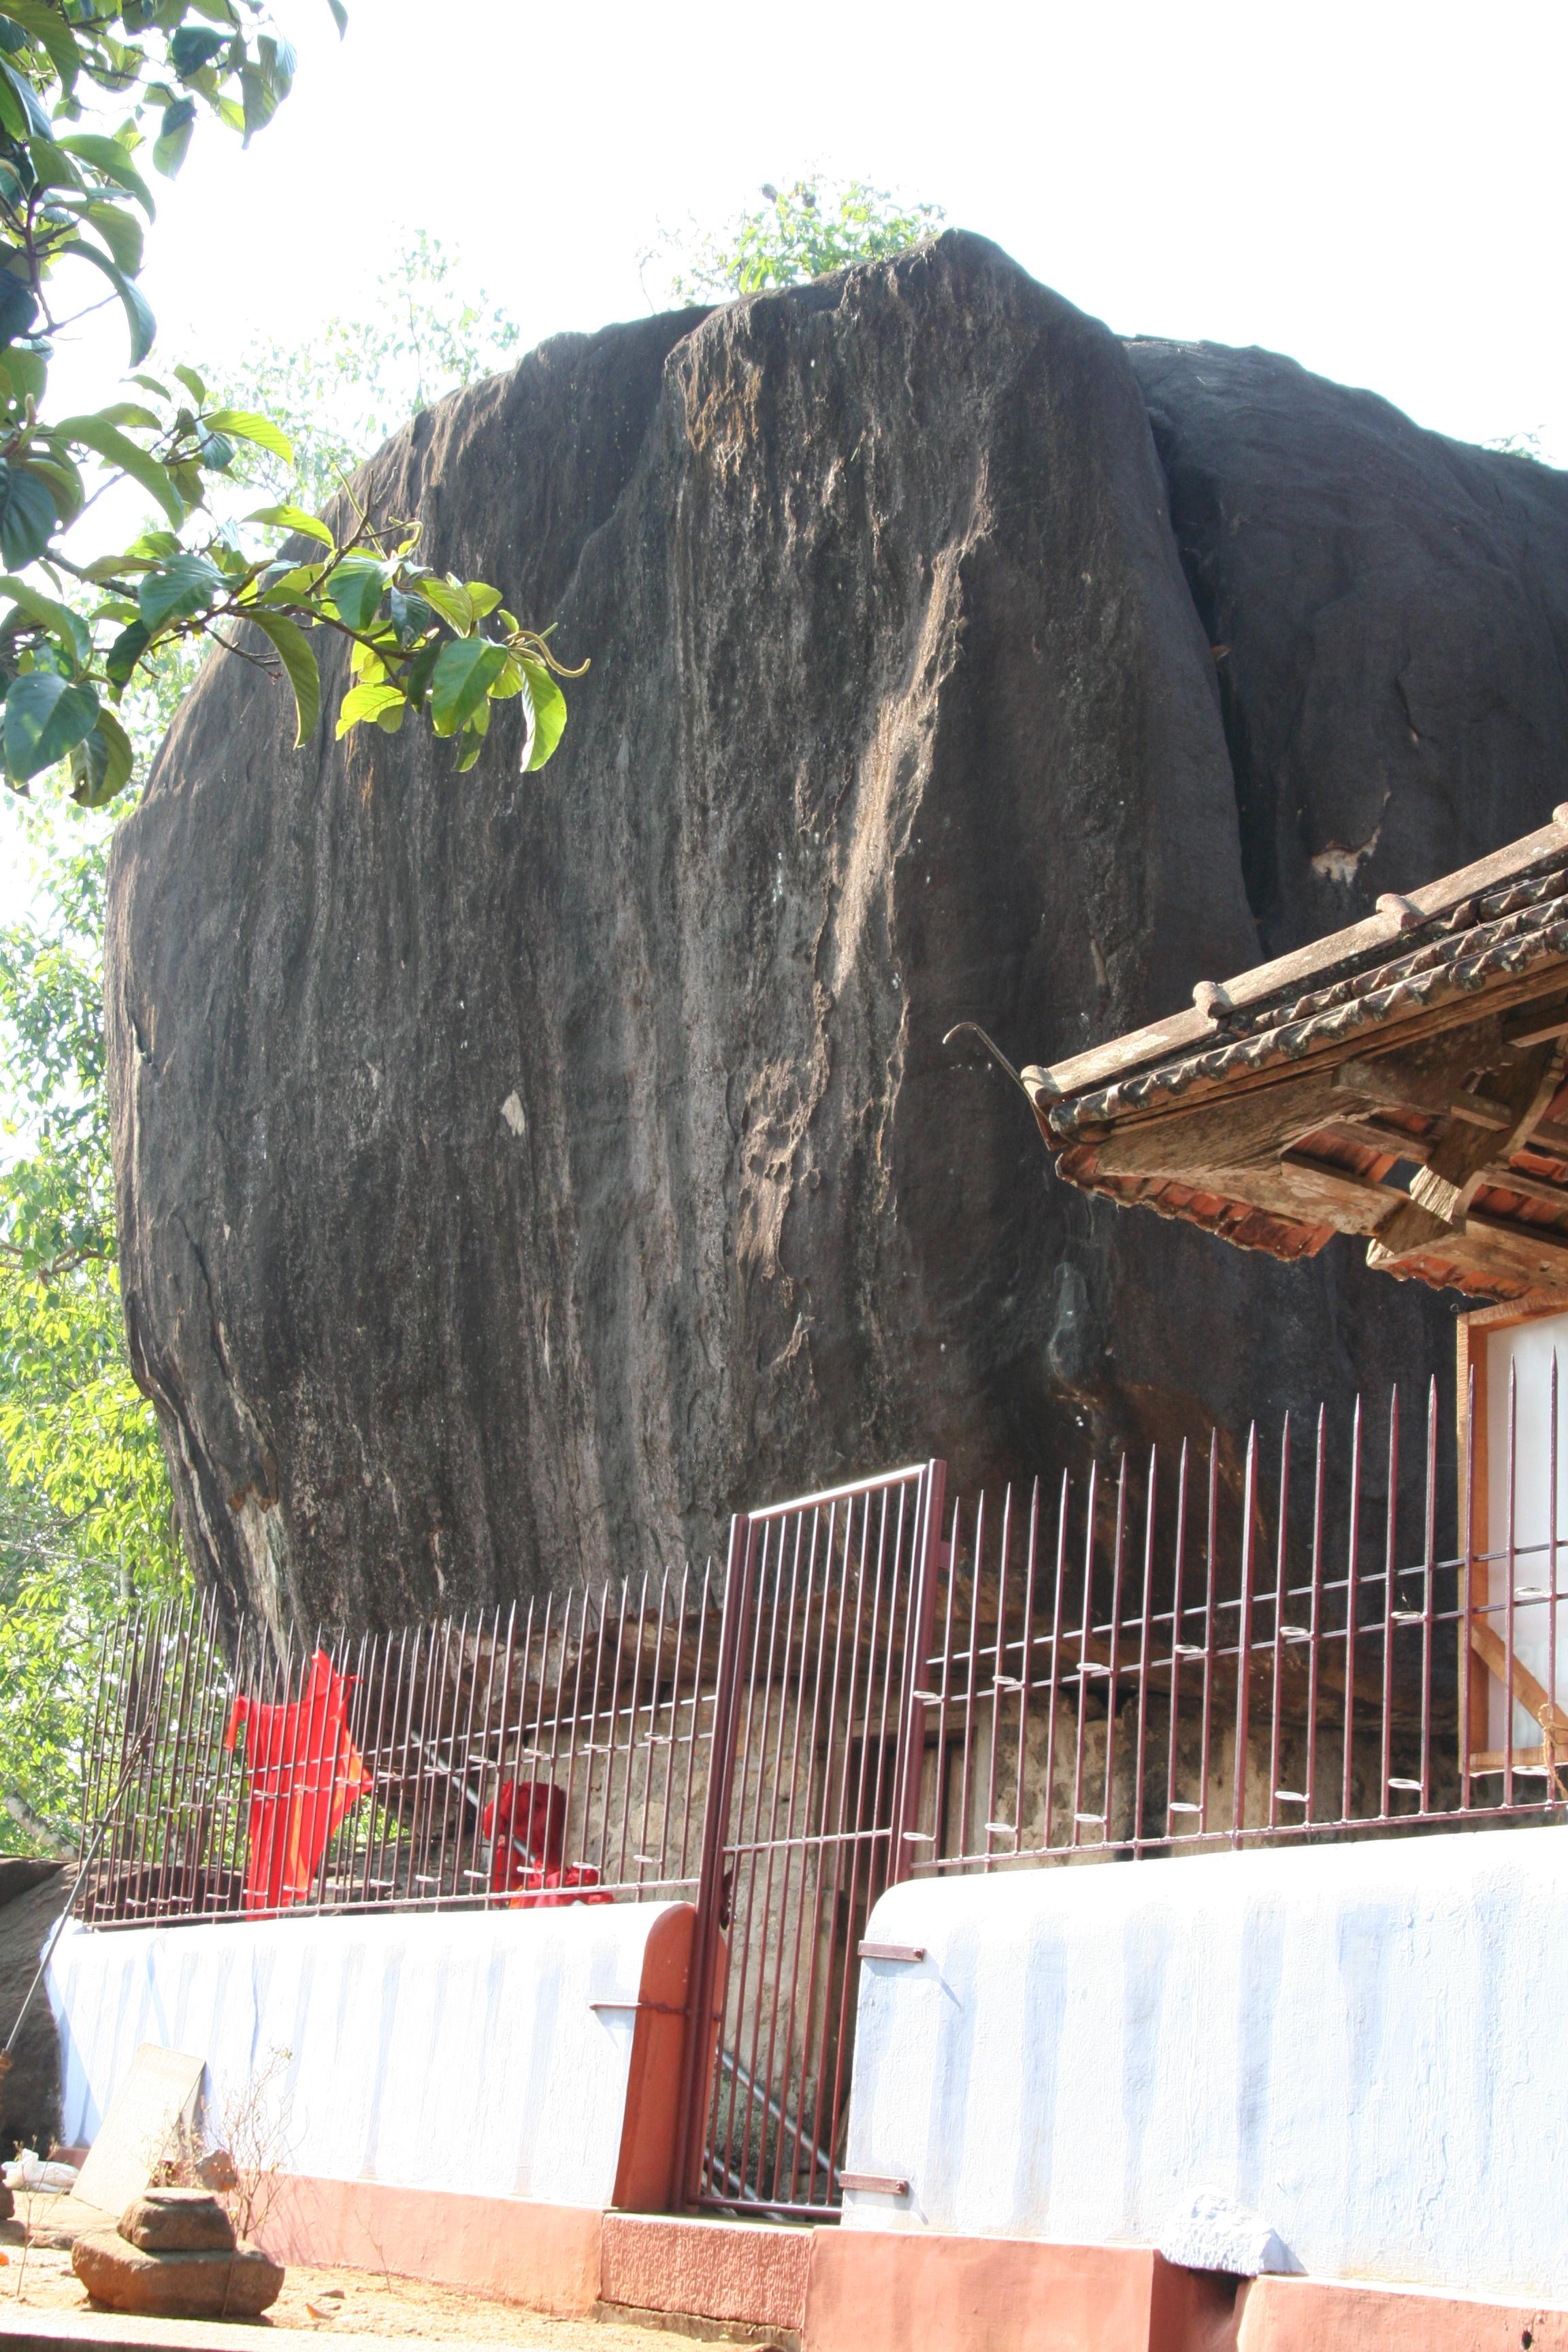 கல் கோயில். இந்த ஆலயம் படத்தில் காணப்பட்ட ஒரு பெரிய பாறைக்கு அடியில் உள்ளது. எனவே கல்லில் கோயில் என்று பெயர்